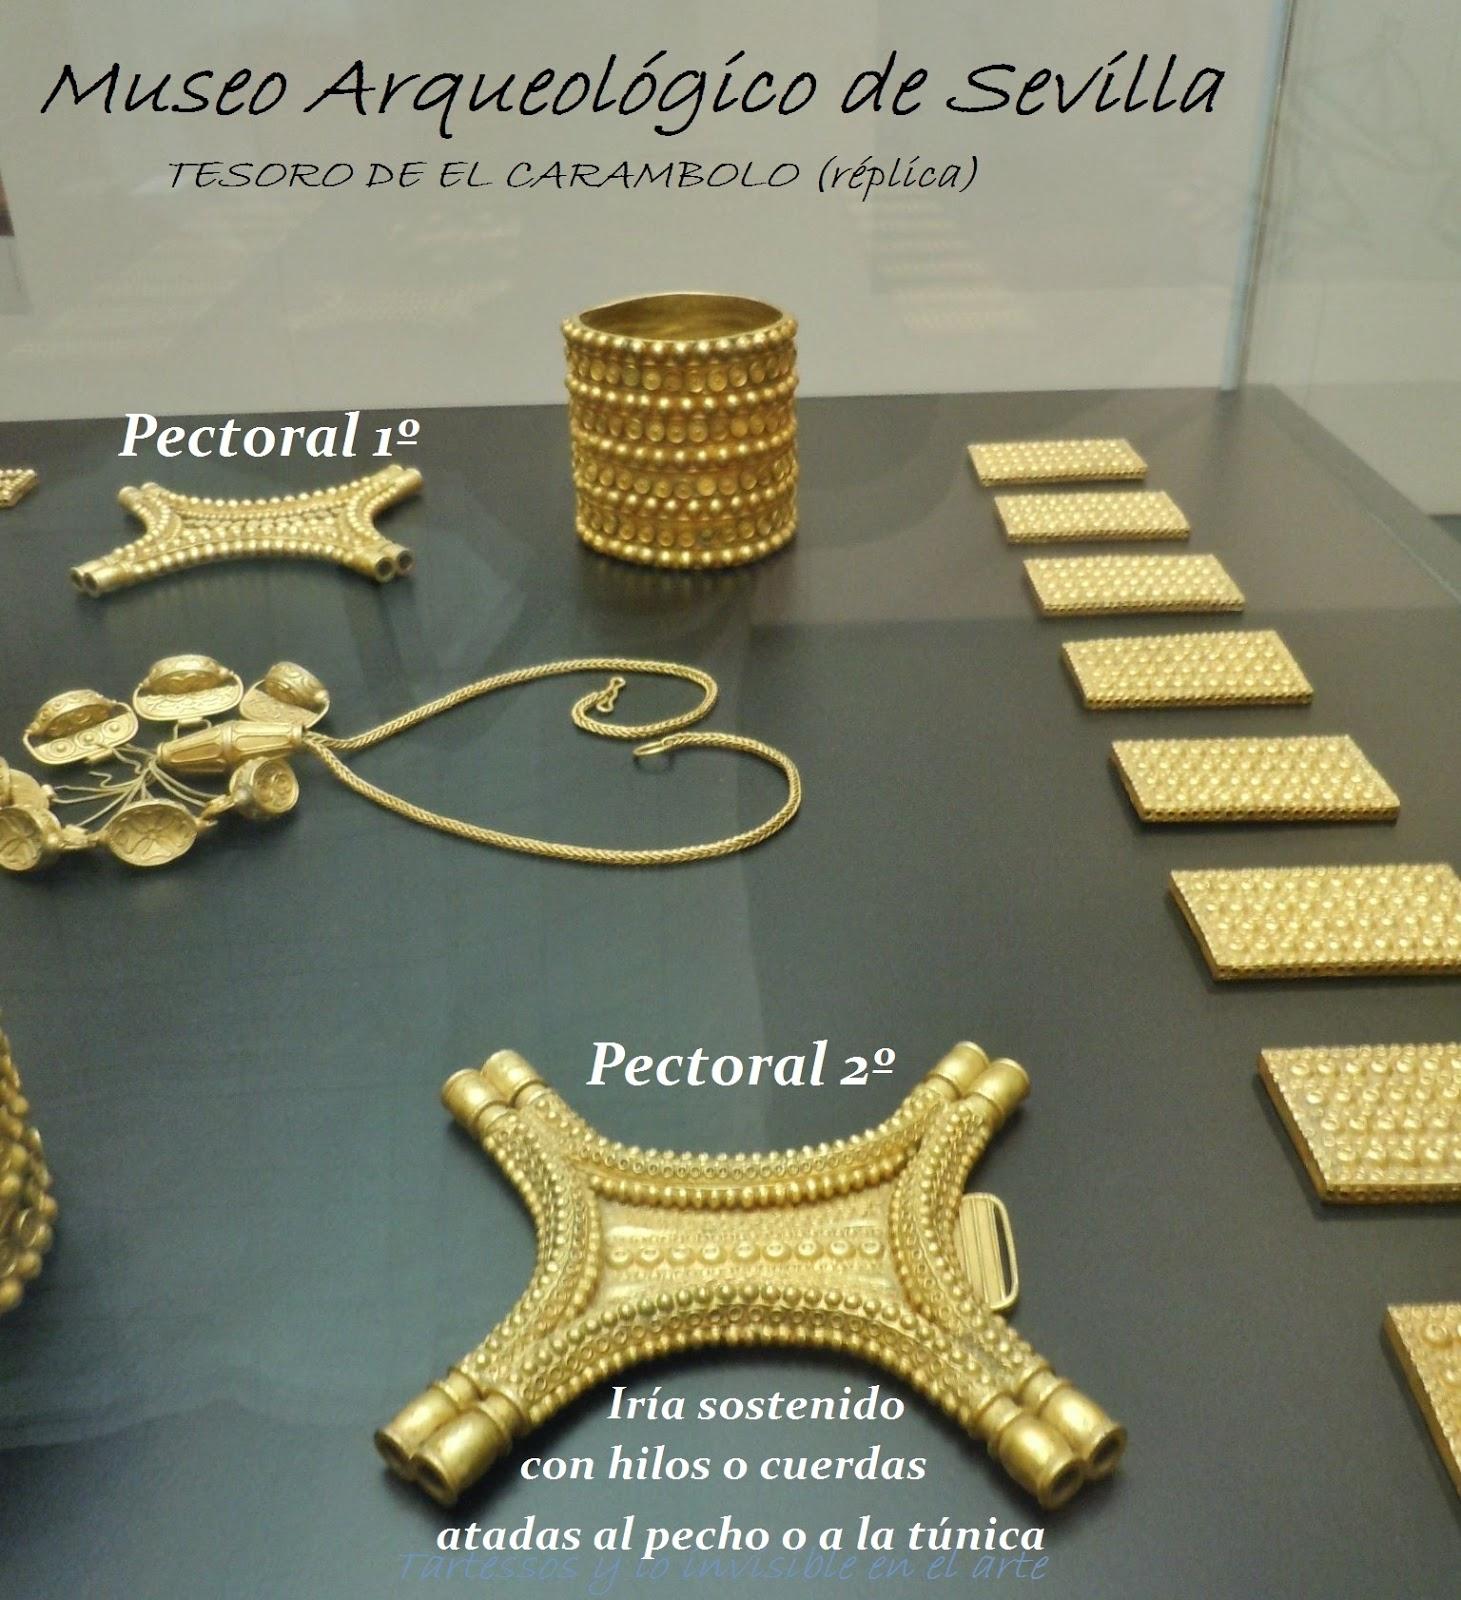 Flamenco Arqueolog A Y Pre Flamenco Antes Que El Pueblo Gitano  # Baal Muebles Sevilla